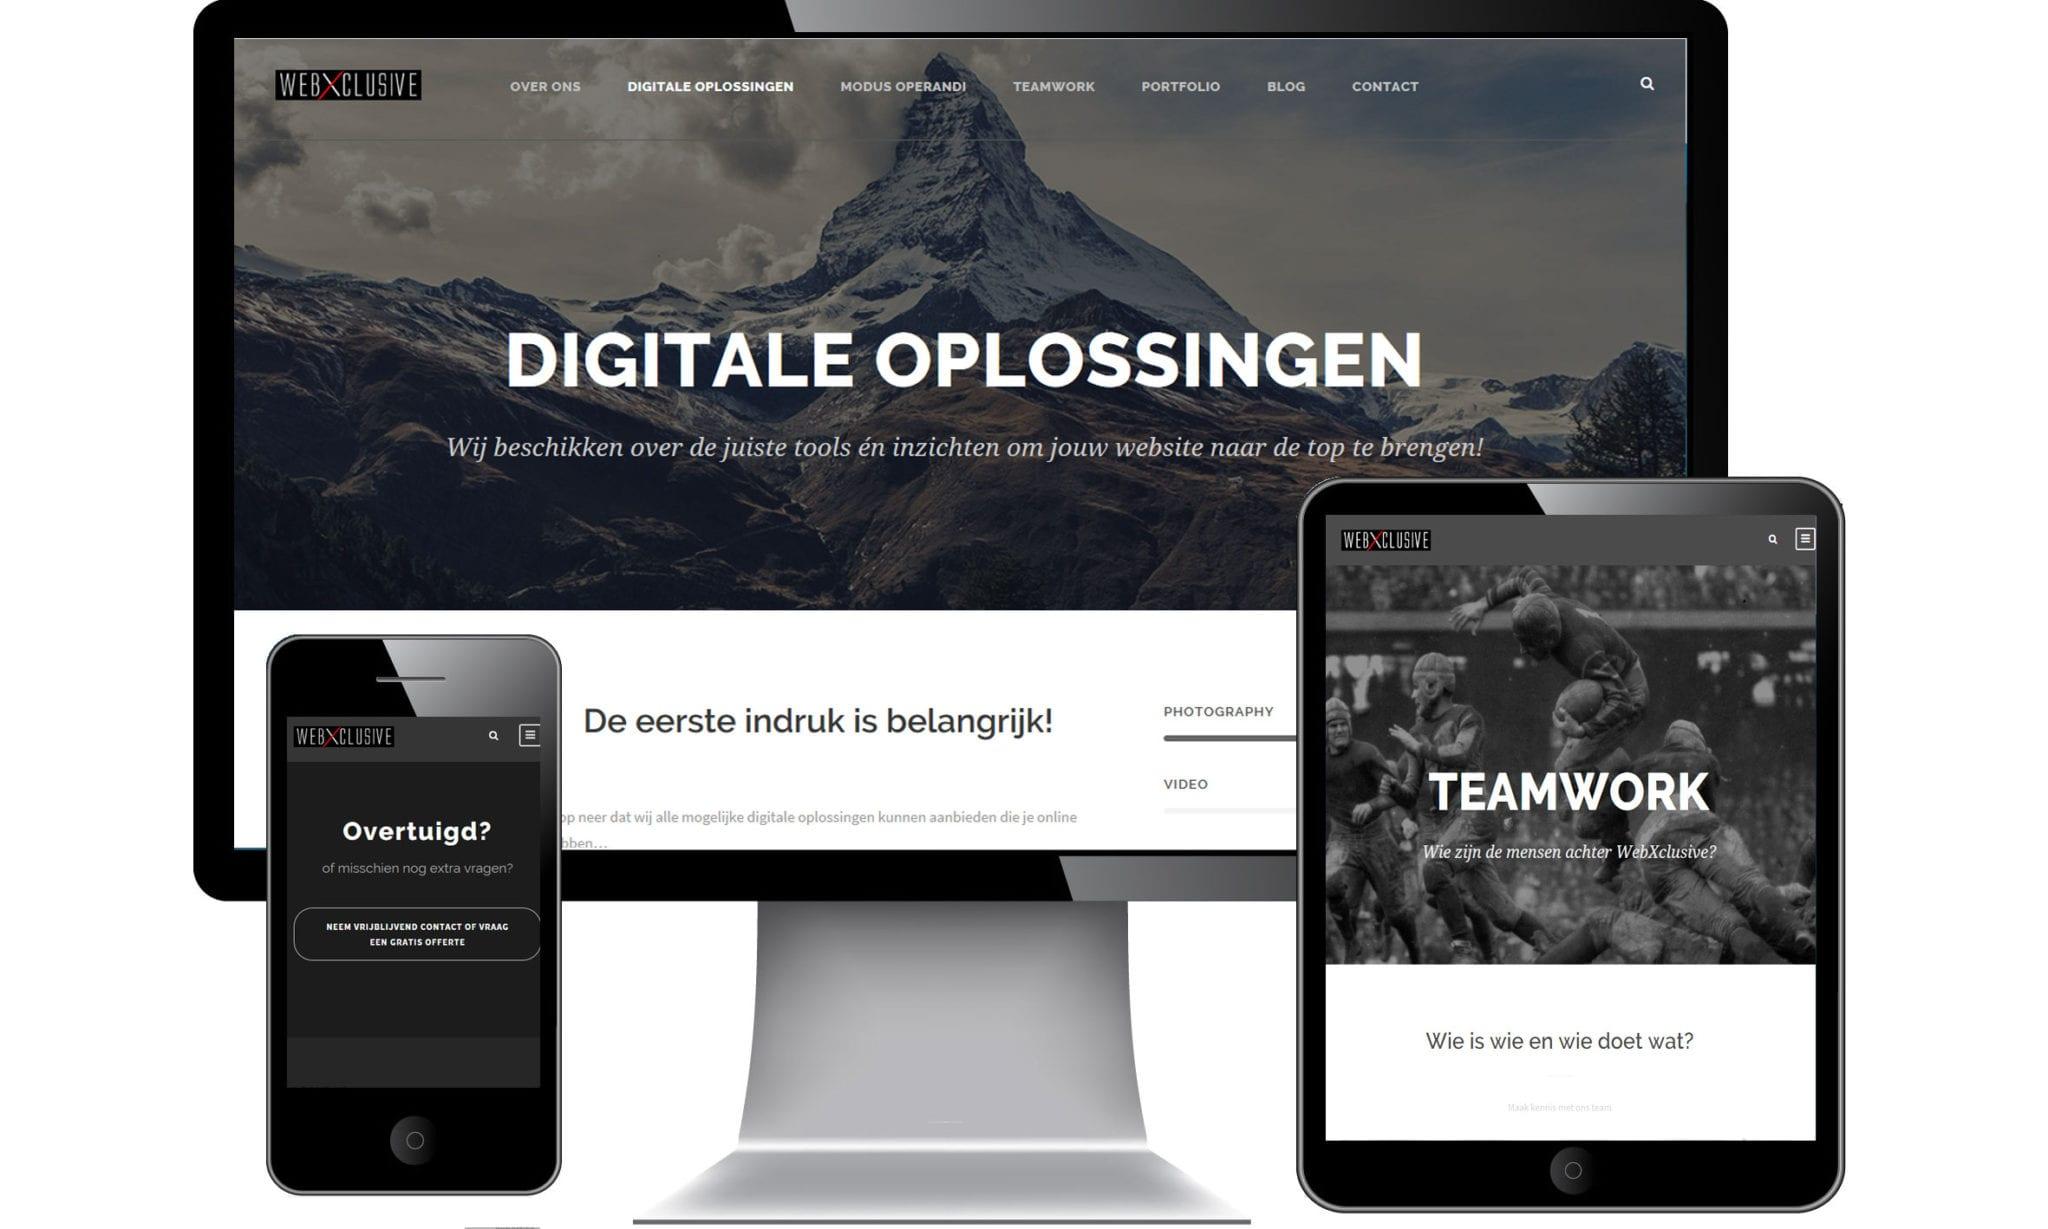 website-webxclusive-webagency